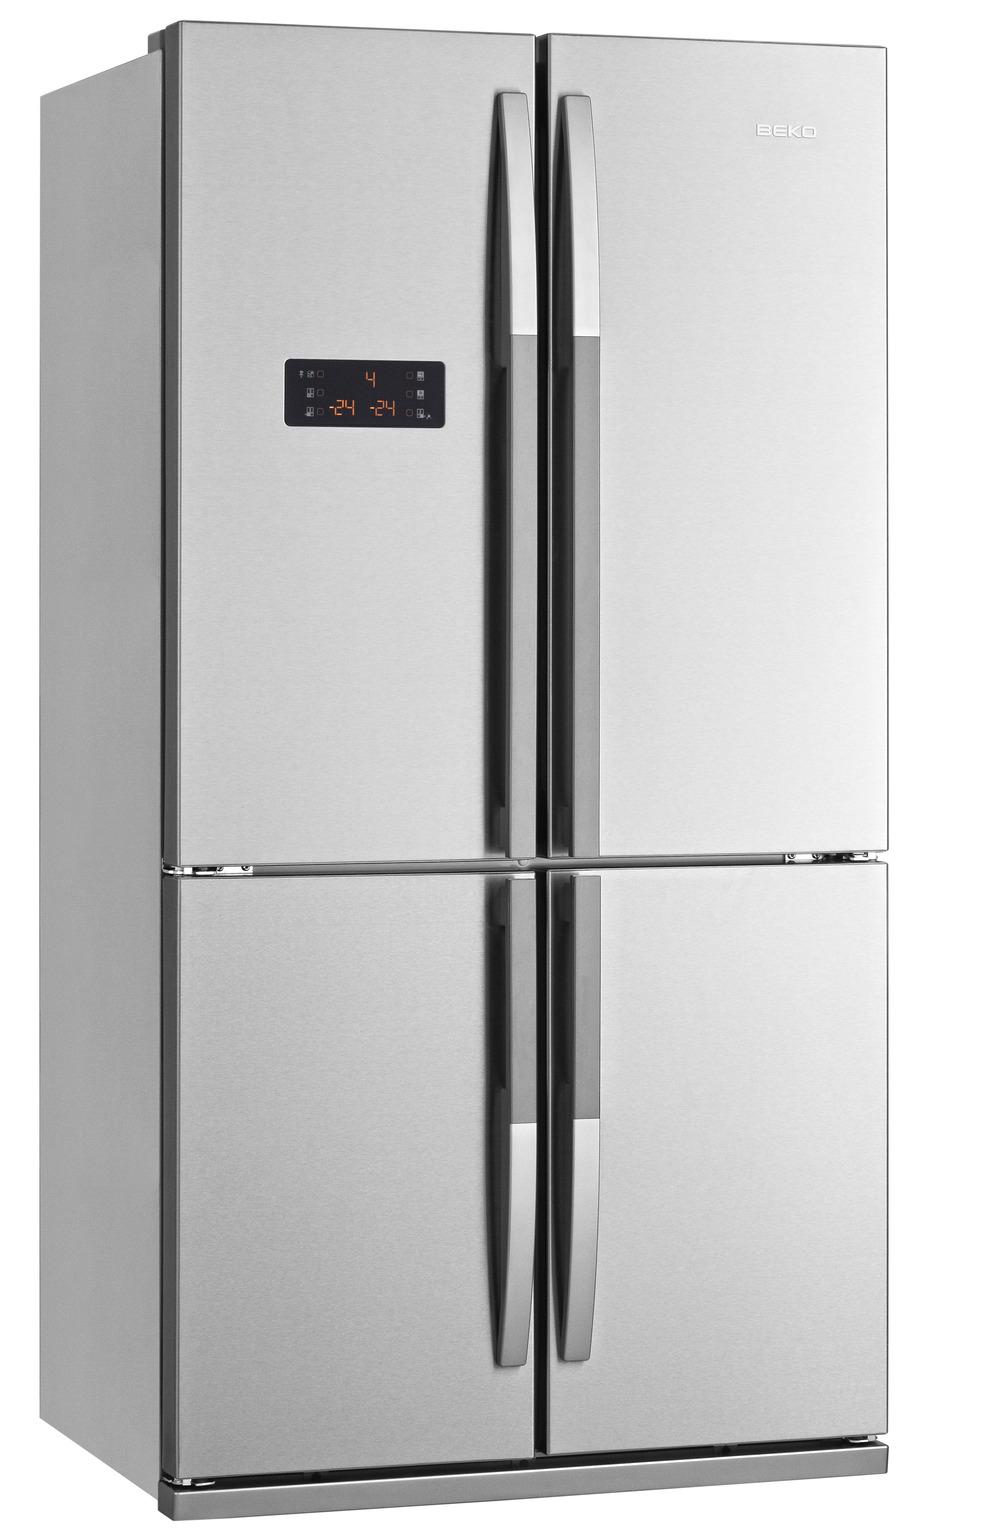 Beko GNE114612XA+ - Flot og funktionelt amerikaner køleskab